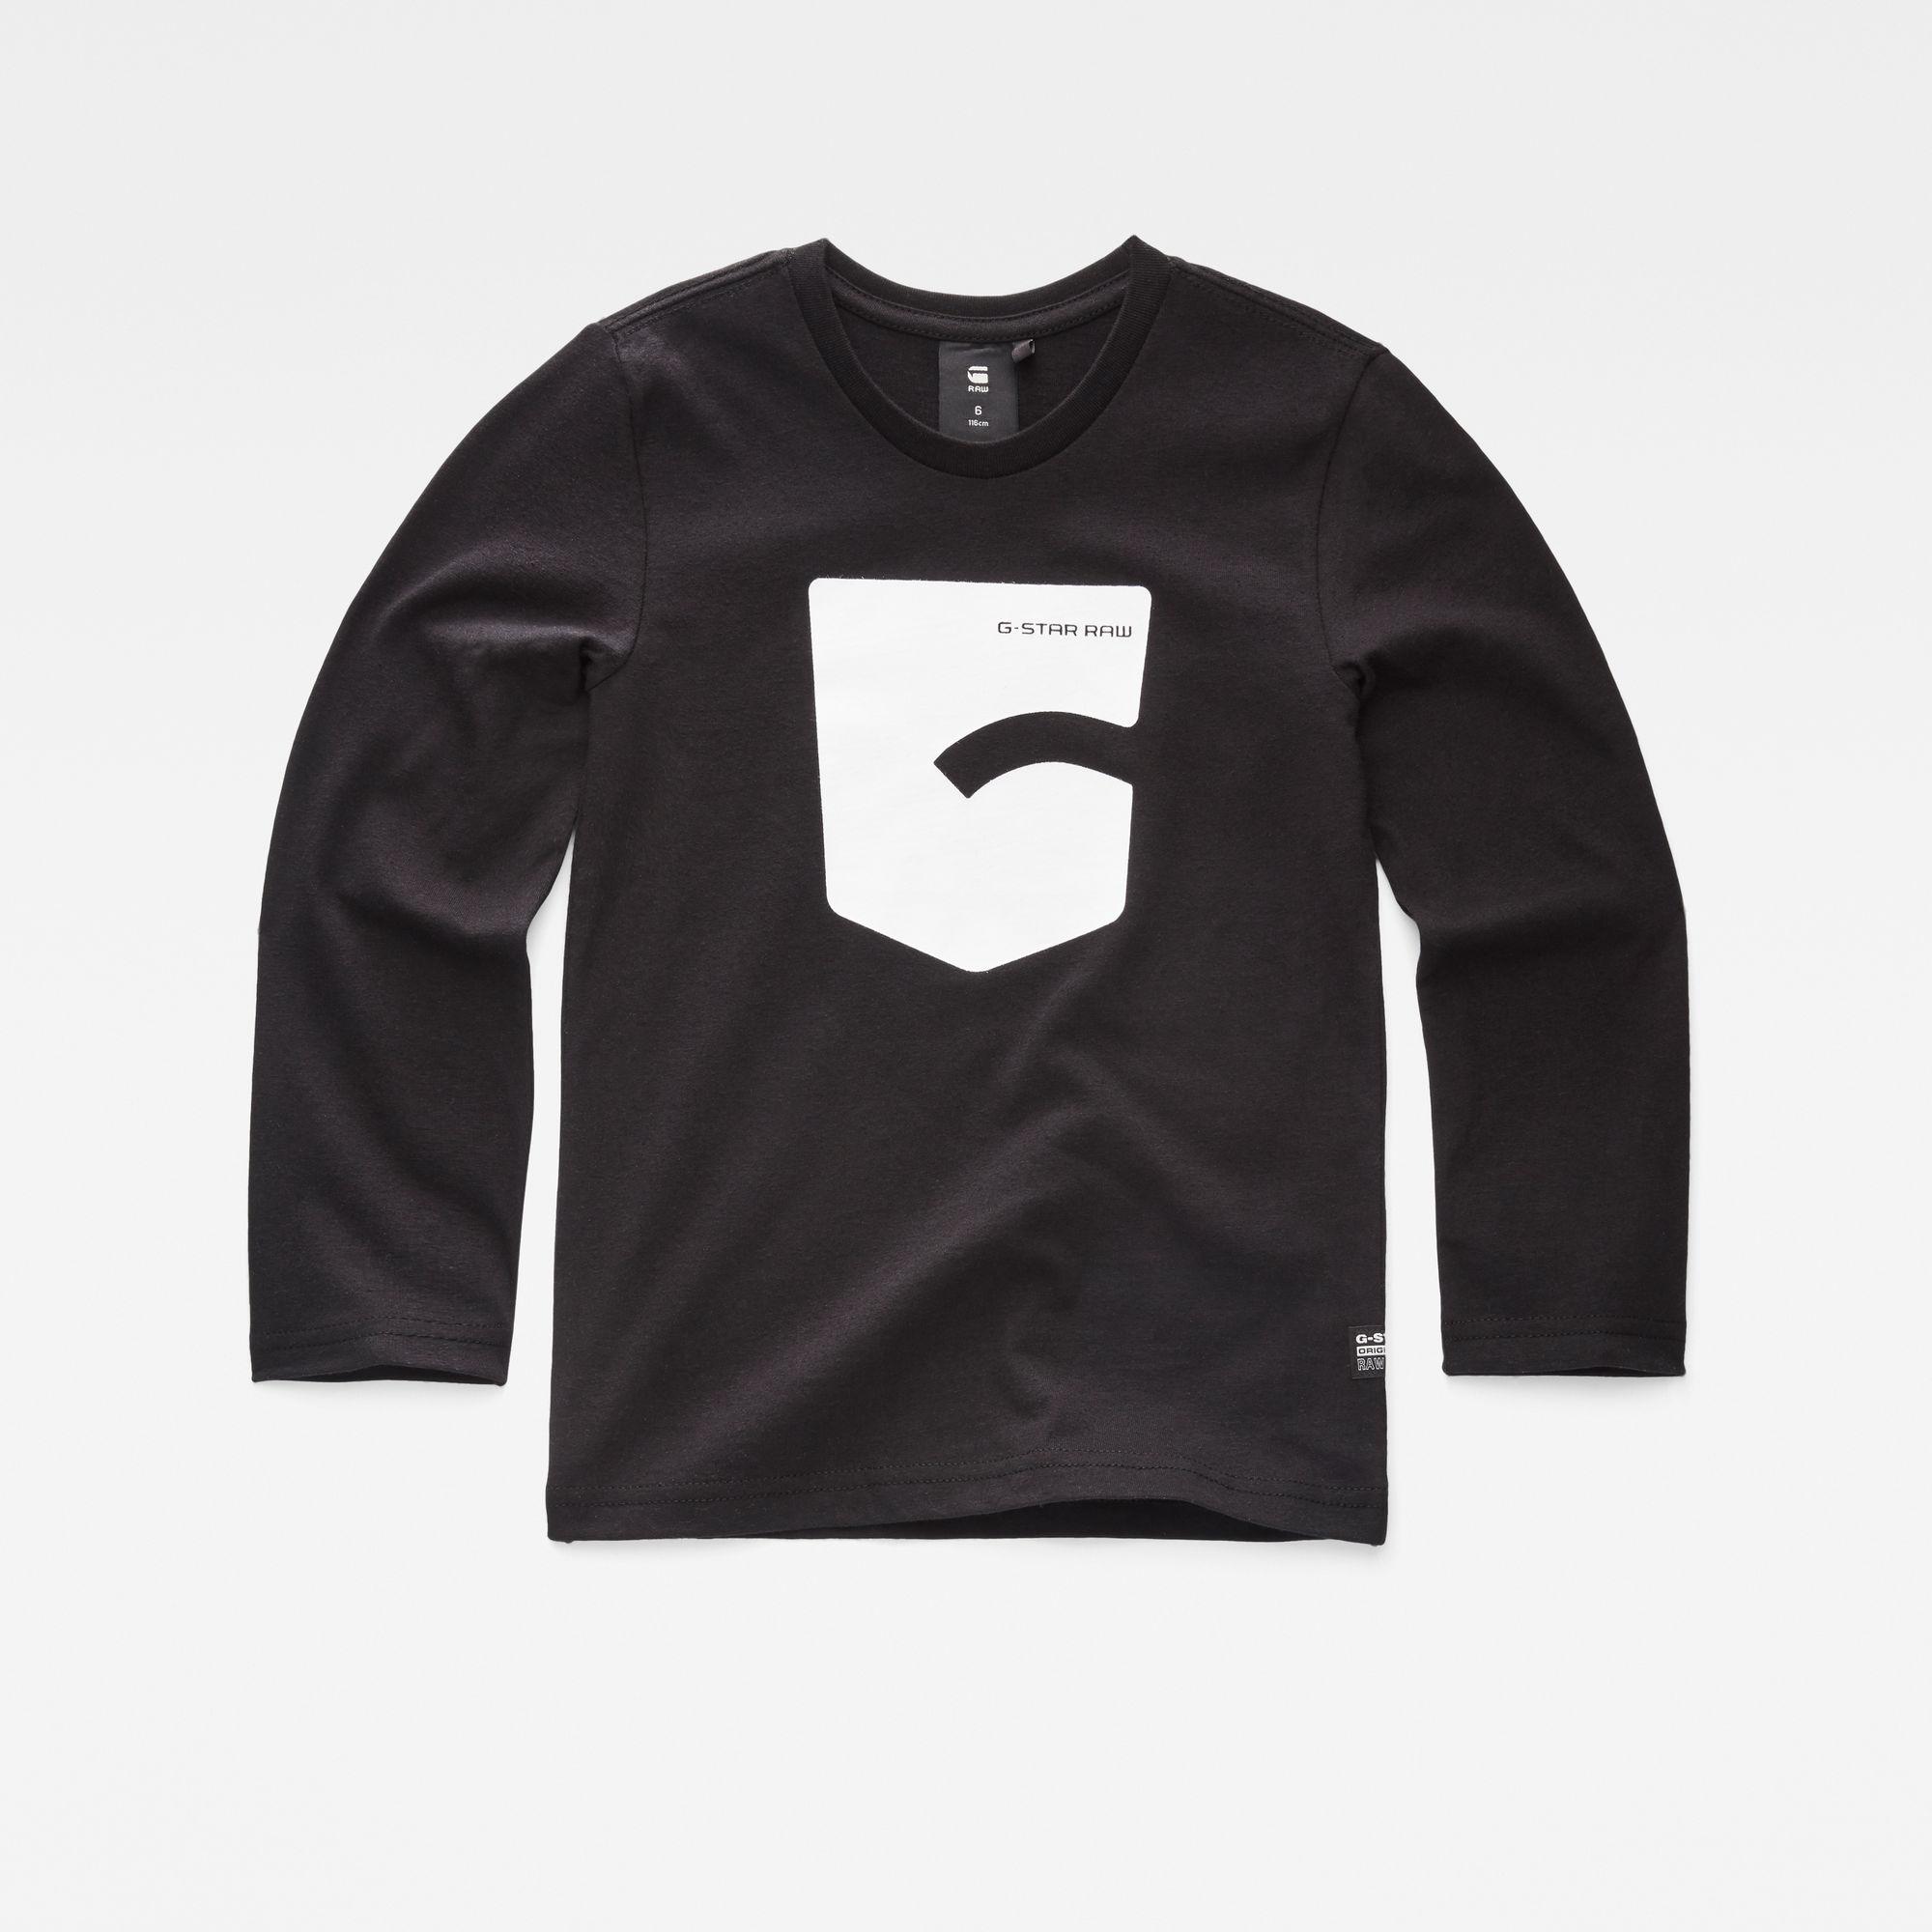 G-Star RAW Jongens T-shirt Zwart